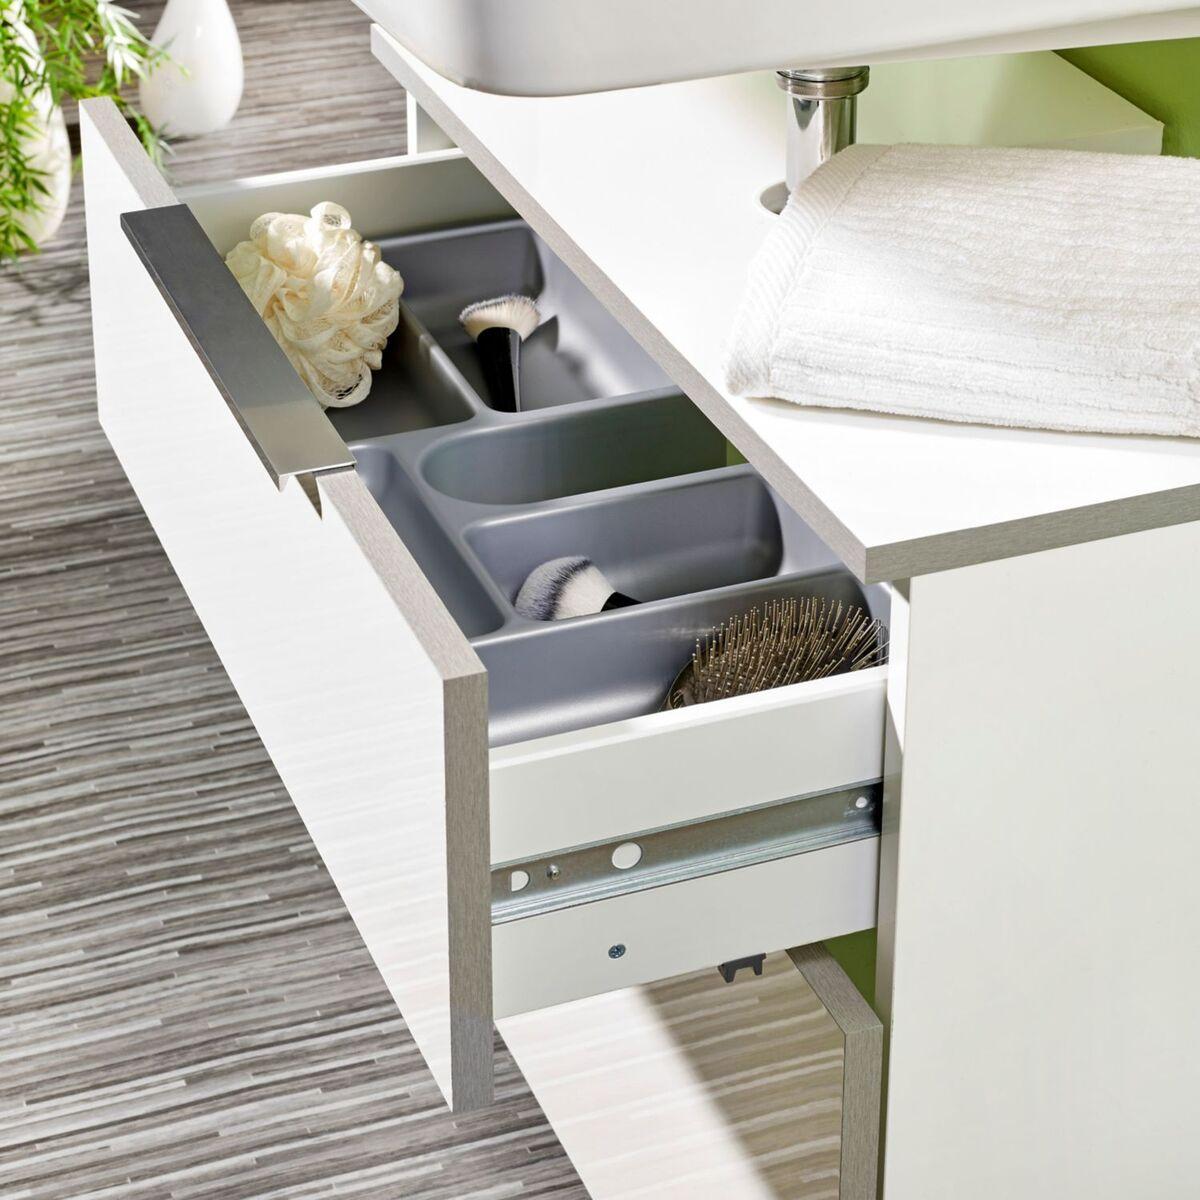 Bild 2 von LIVING STYLE Waschbecken-Unterschrank